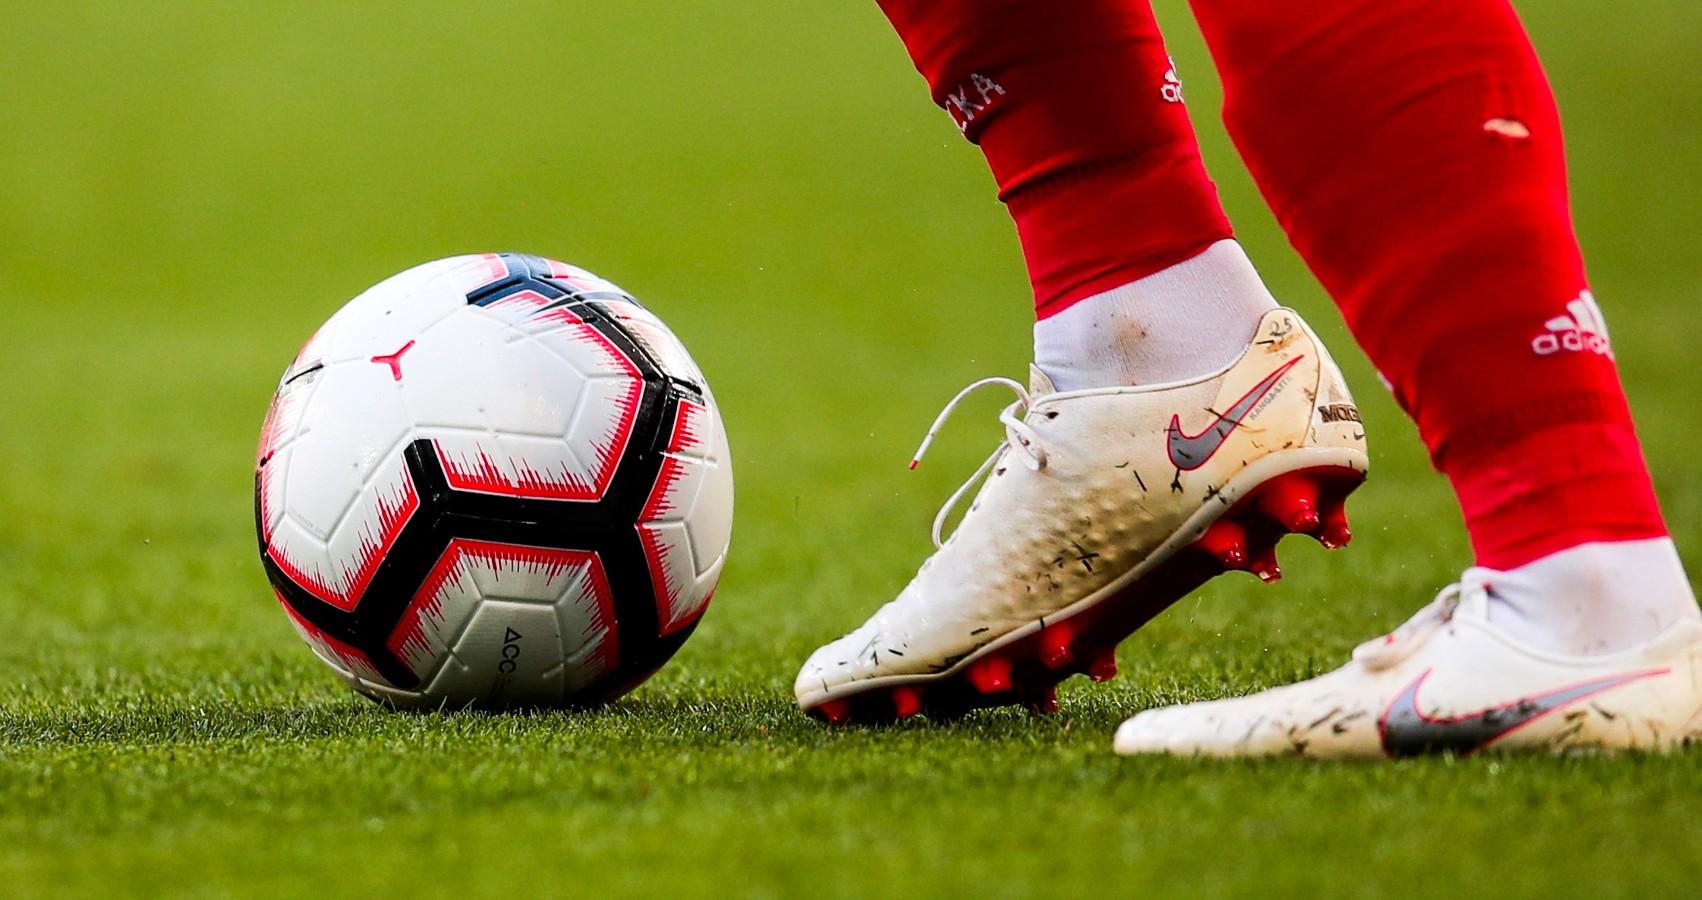 АФК-2021 кубогу мелдешинин өтө турган күнү белгиленди